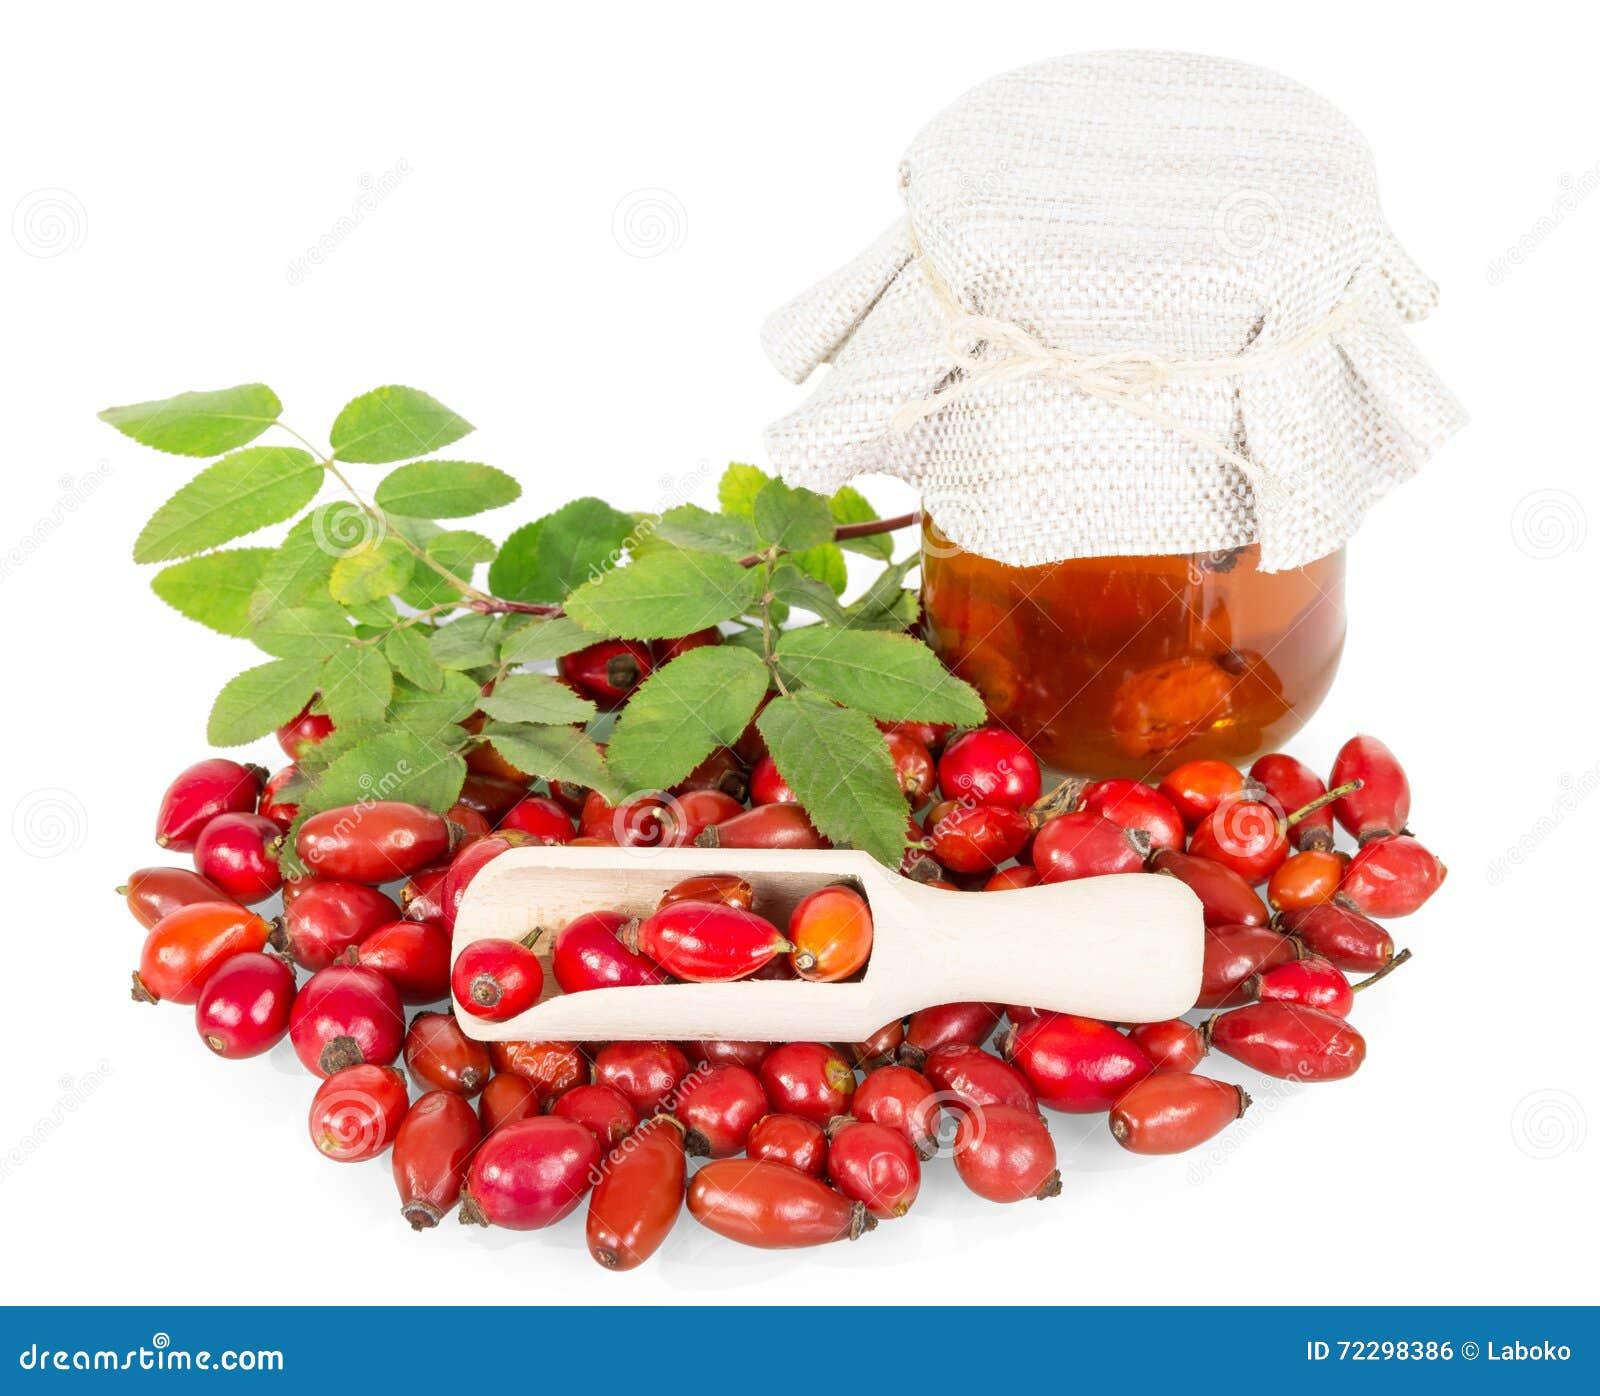 Download Ягоды плода шиповника, чонсервные банкы соды и ветроуловитель изолированные на белизне Стоковое Фото - изображение насчитывающей обще, медицинско: 72298386